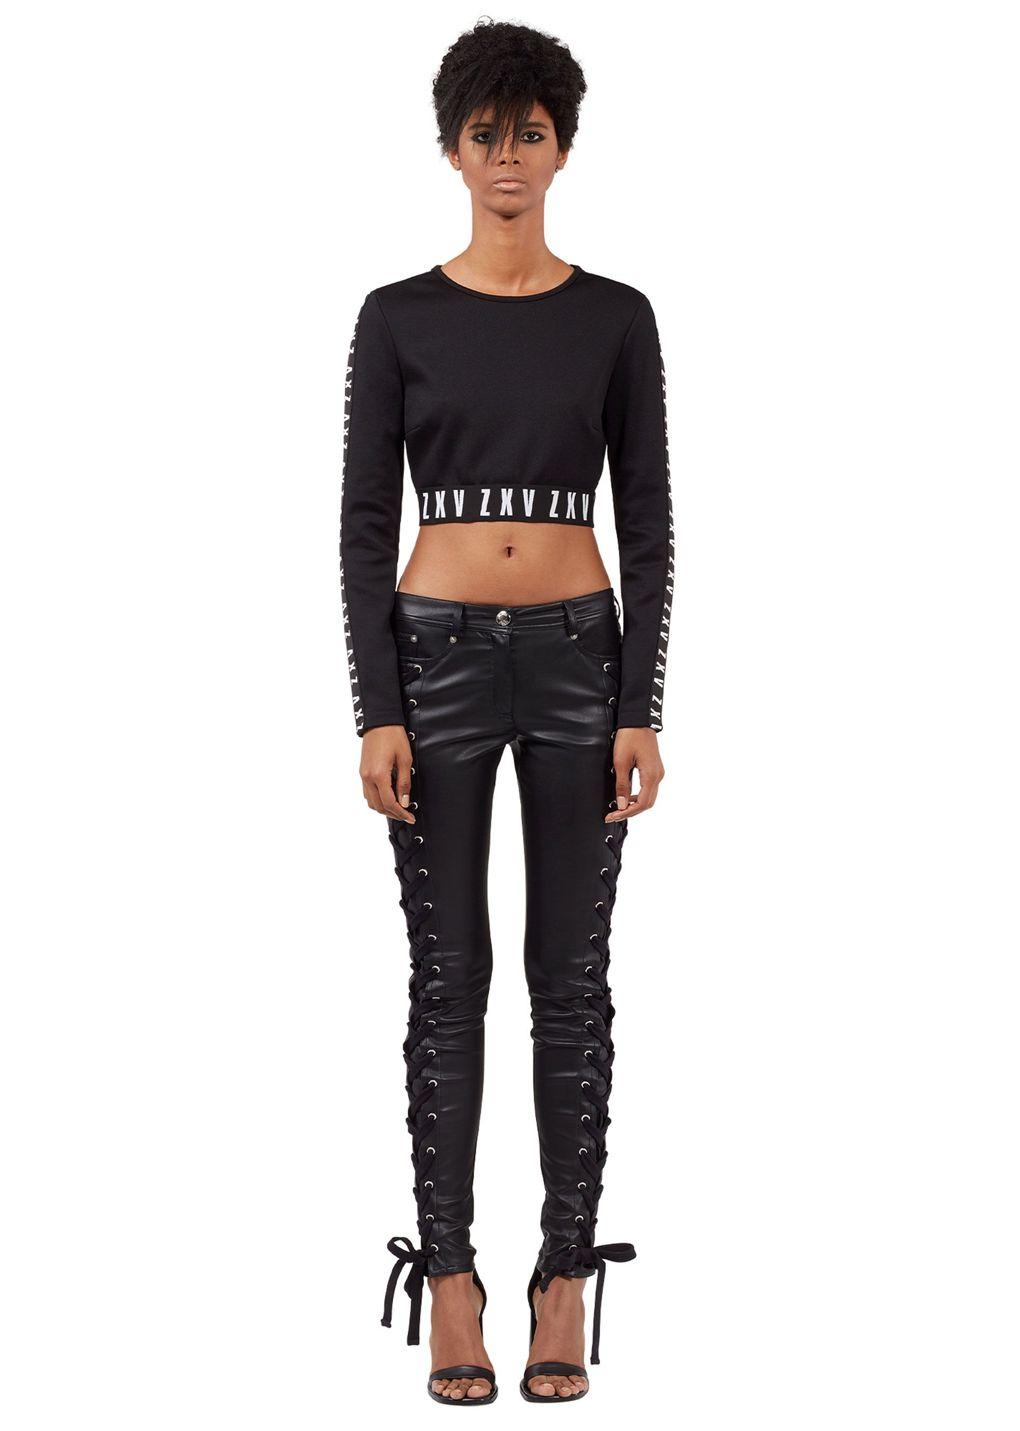 Зейн Малик представил капсульную коллекцию Zayn x Versus Versace ... 9942bd91ba3cc